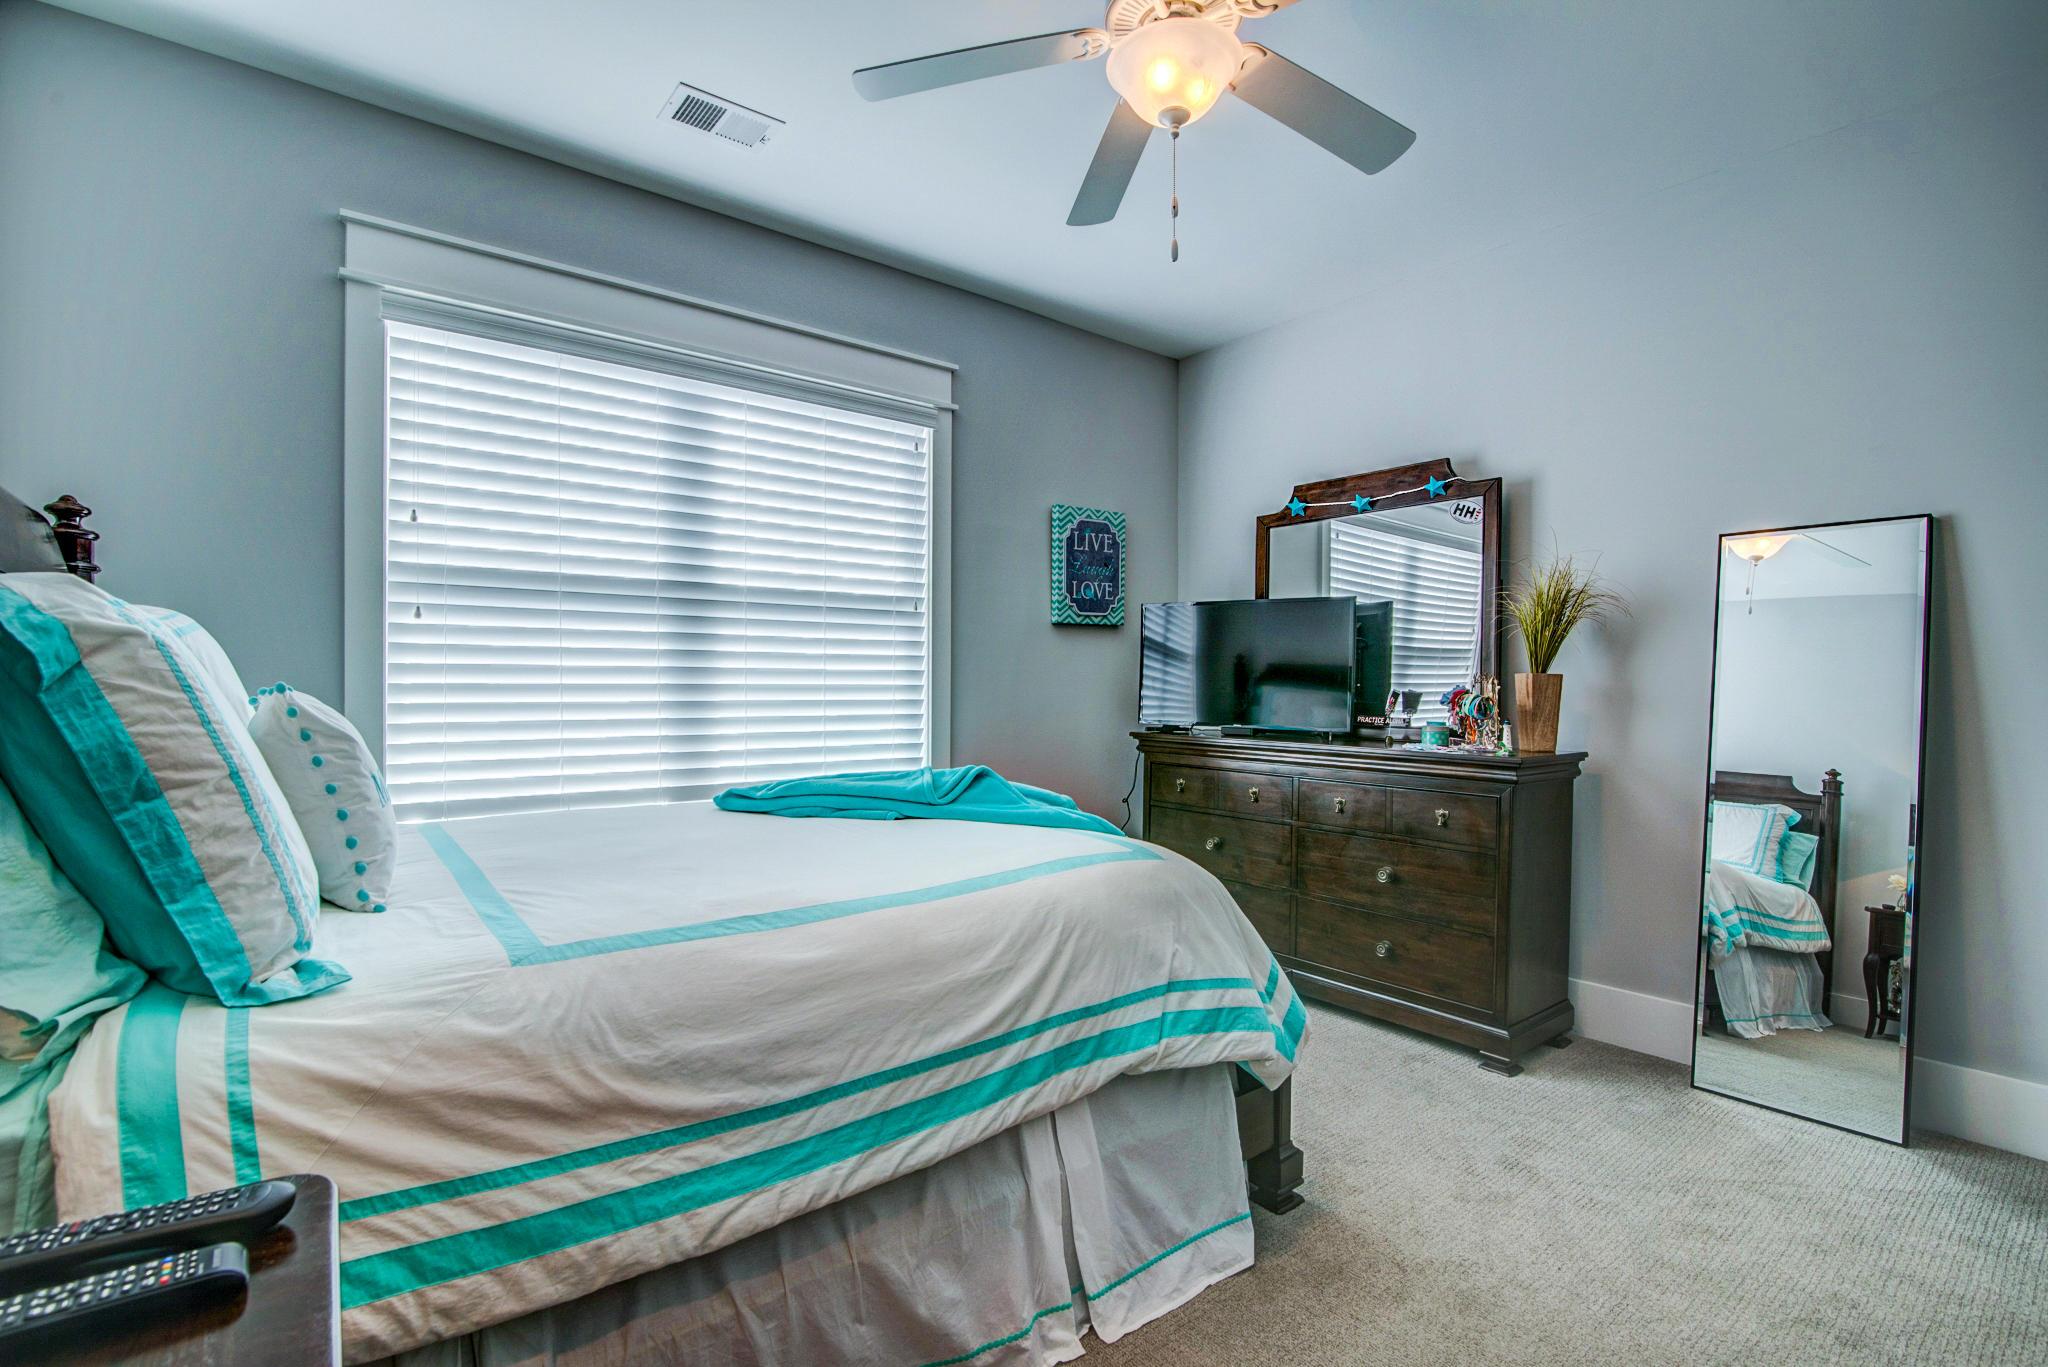 Dunes West Homes For Sale - 2883 River Vista, Mount Pleasant, SC - 14